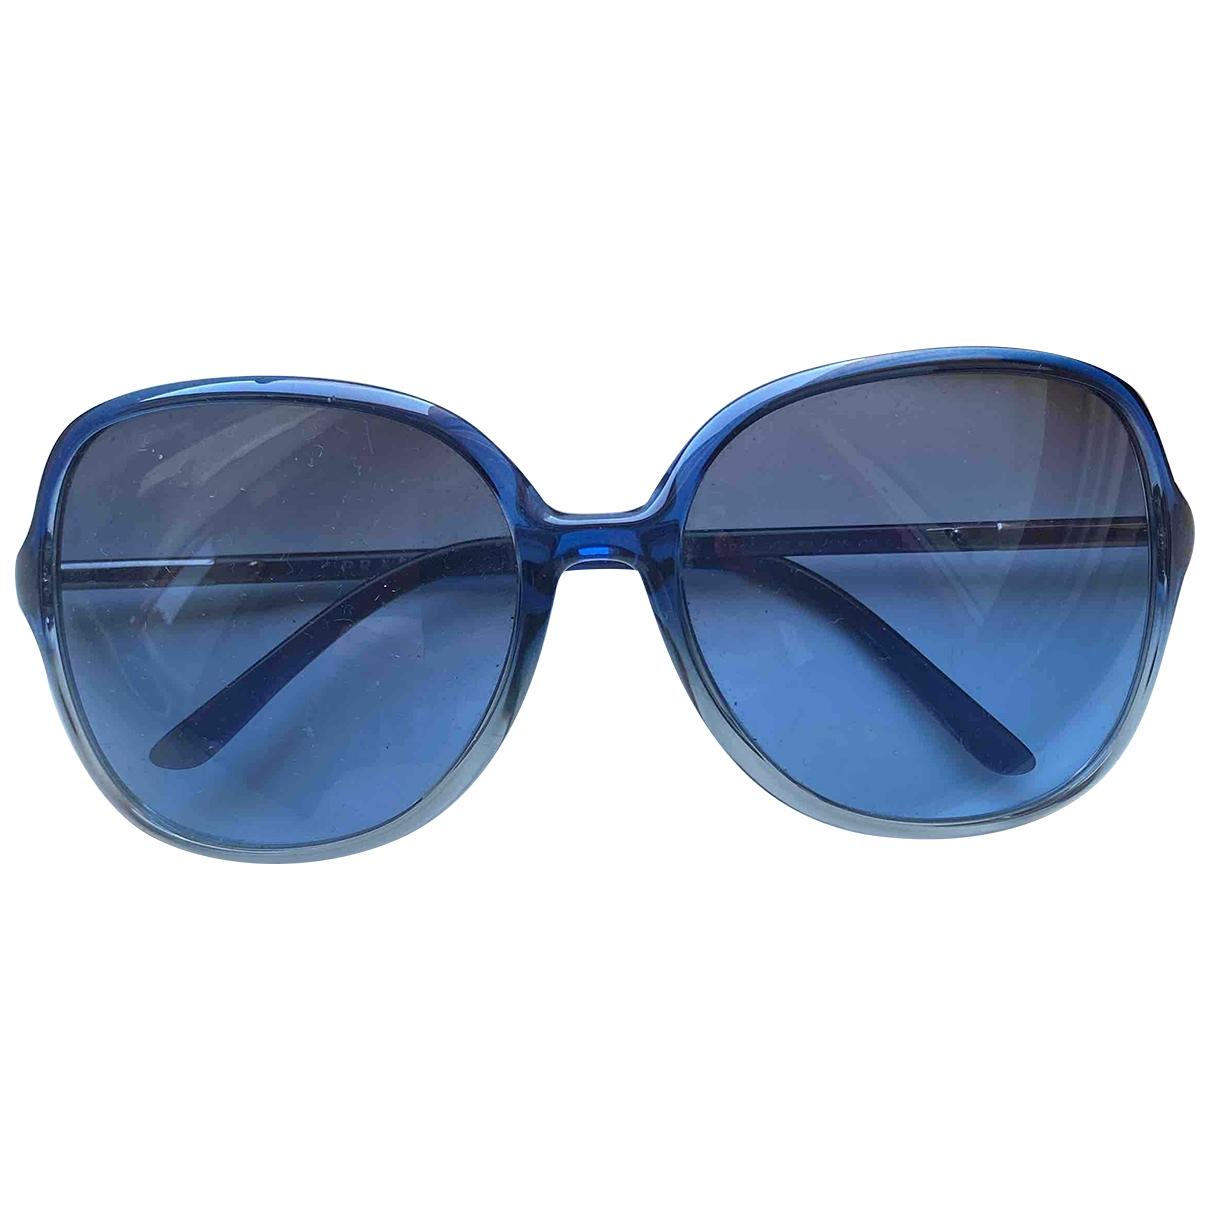 Prada - Lunettes   pour femme - bleu